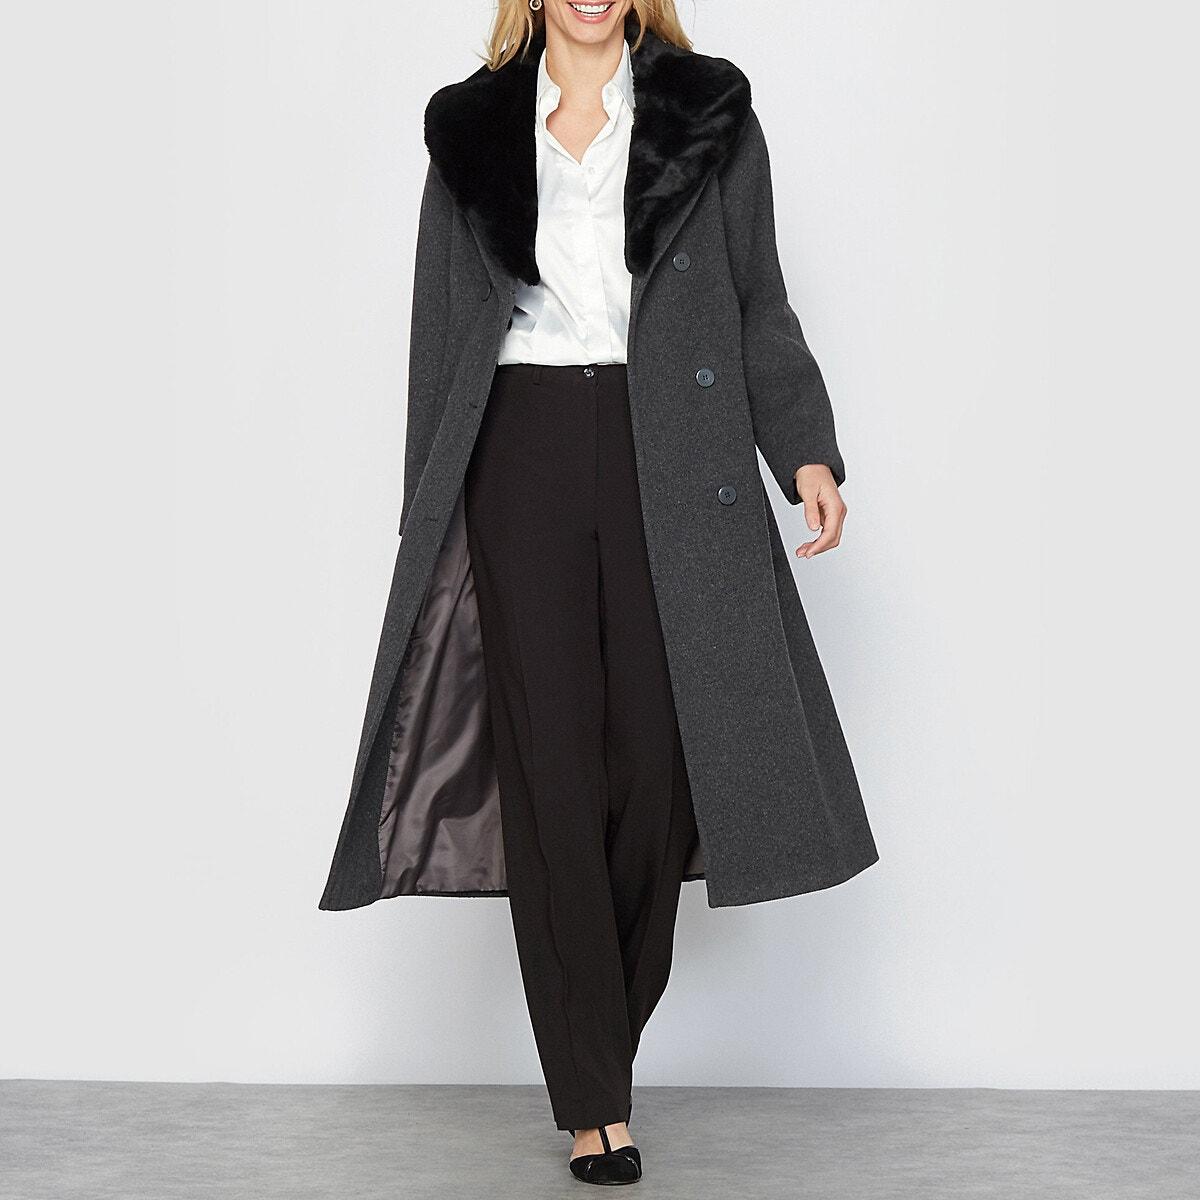 Μακρύ παλτό (110 εκ.) ΓΚΡΙ γυναικα   πανωφόρια   παλτό